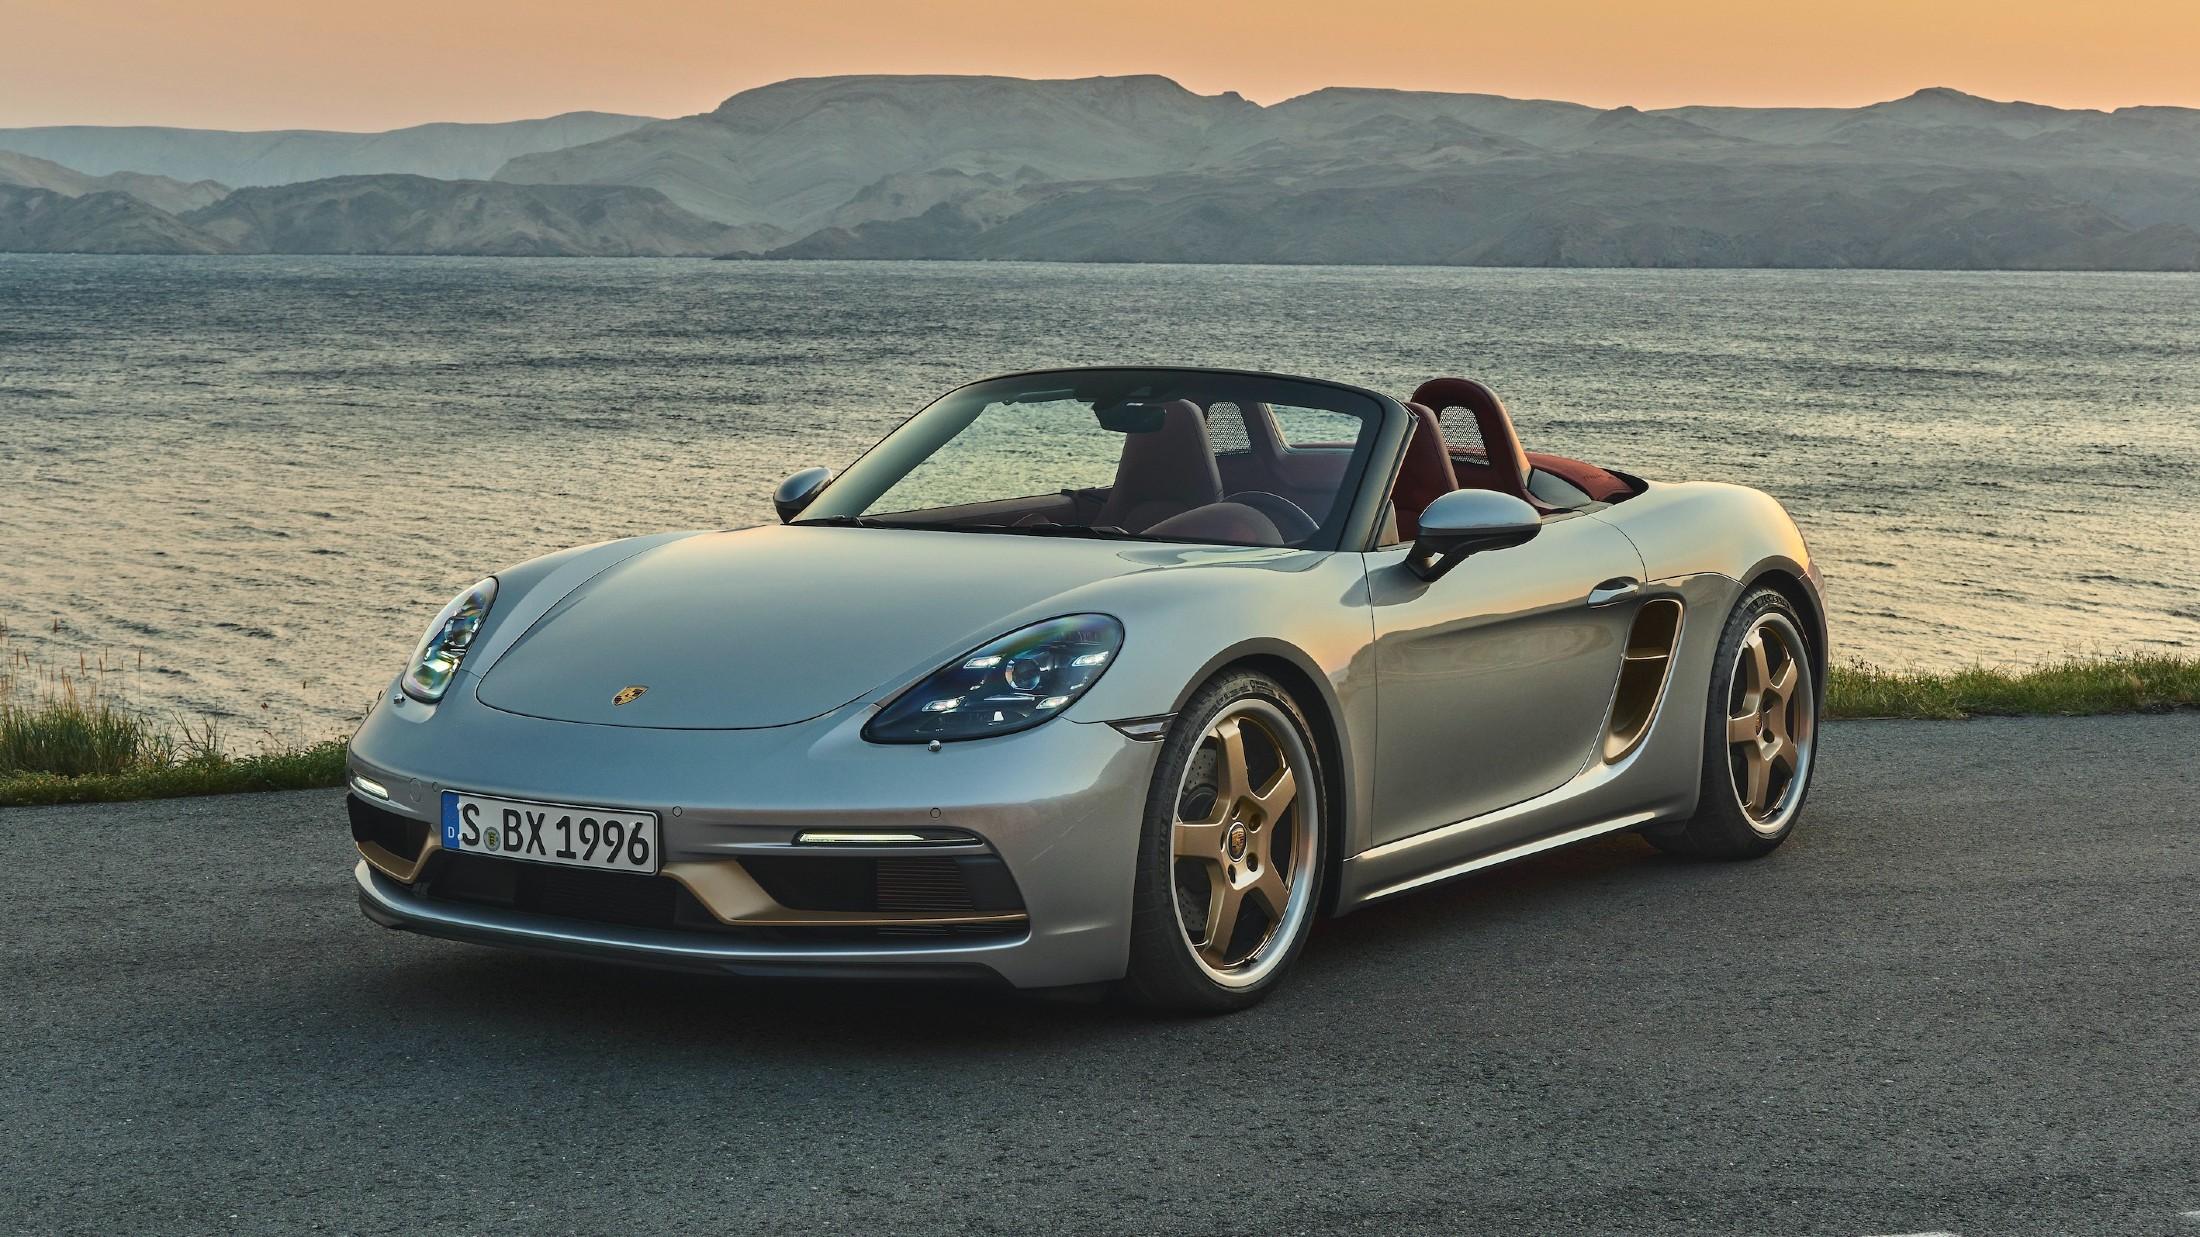 Επετειακή Porsche Boxster για τα 25 χρόνια  του μοντέλου [vid]